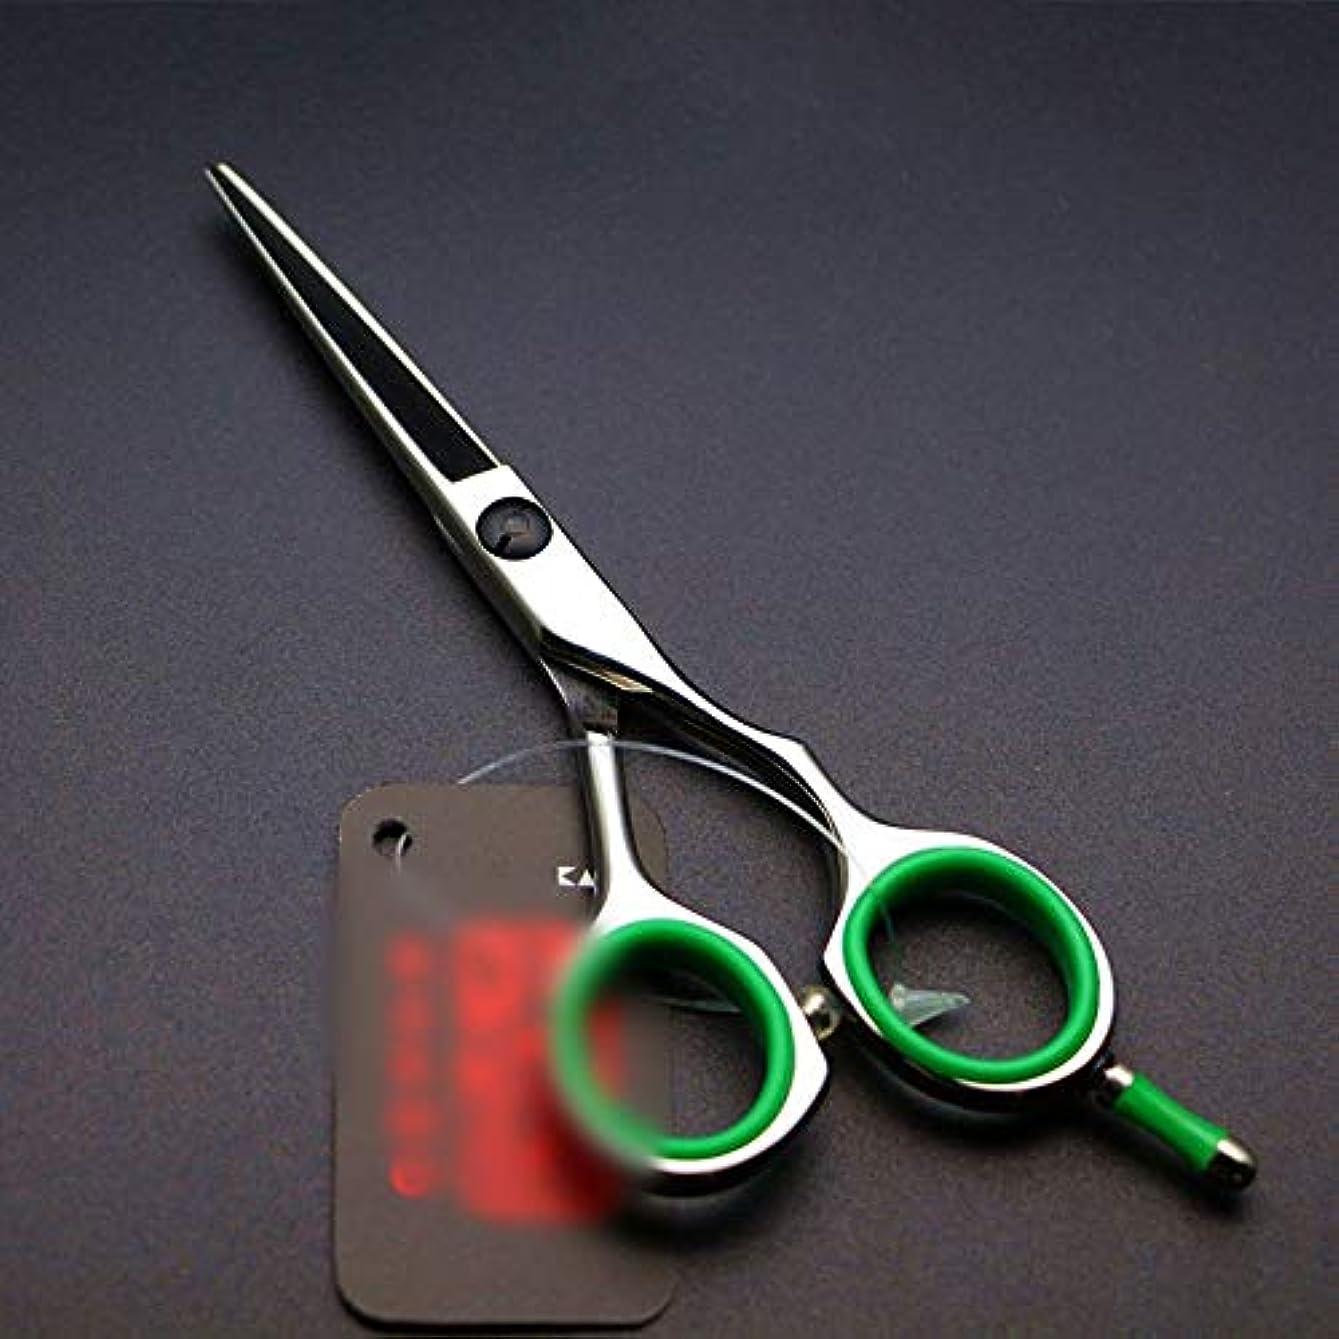 ポルノヘロインシビックWASAIO 小さなはさみ理髪真の髪間伐間伐歯のはさみプロの理容テクスチャーサロンレイザーエッジシザー5インチ (色 : オレンジ)